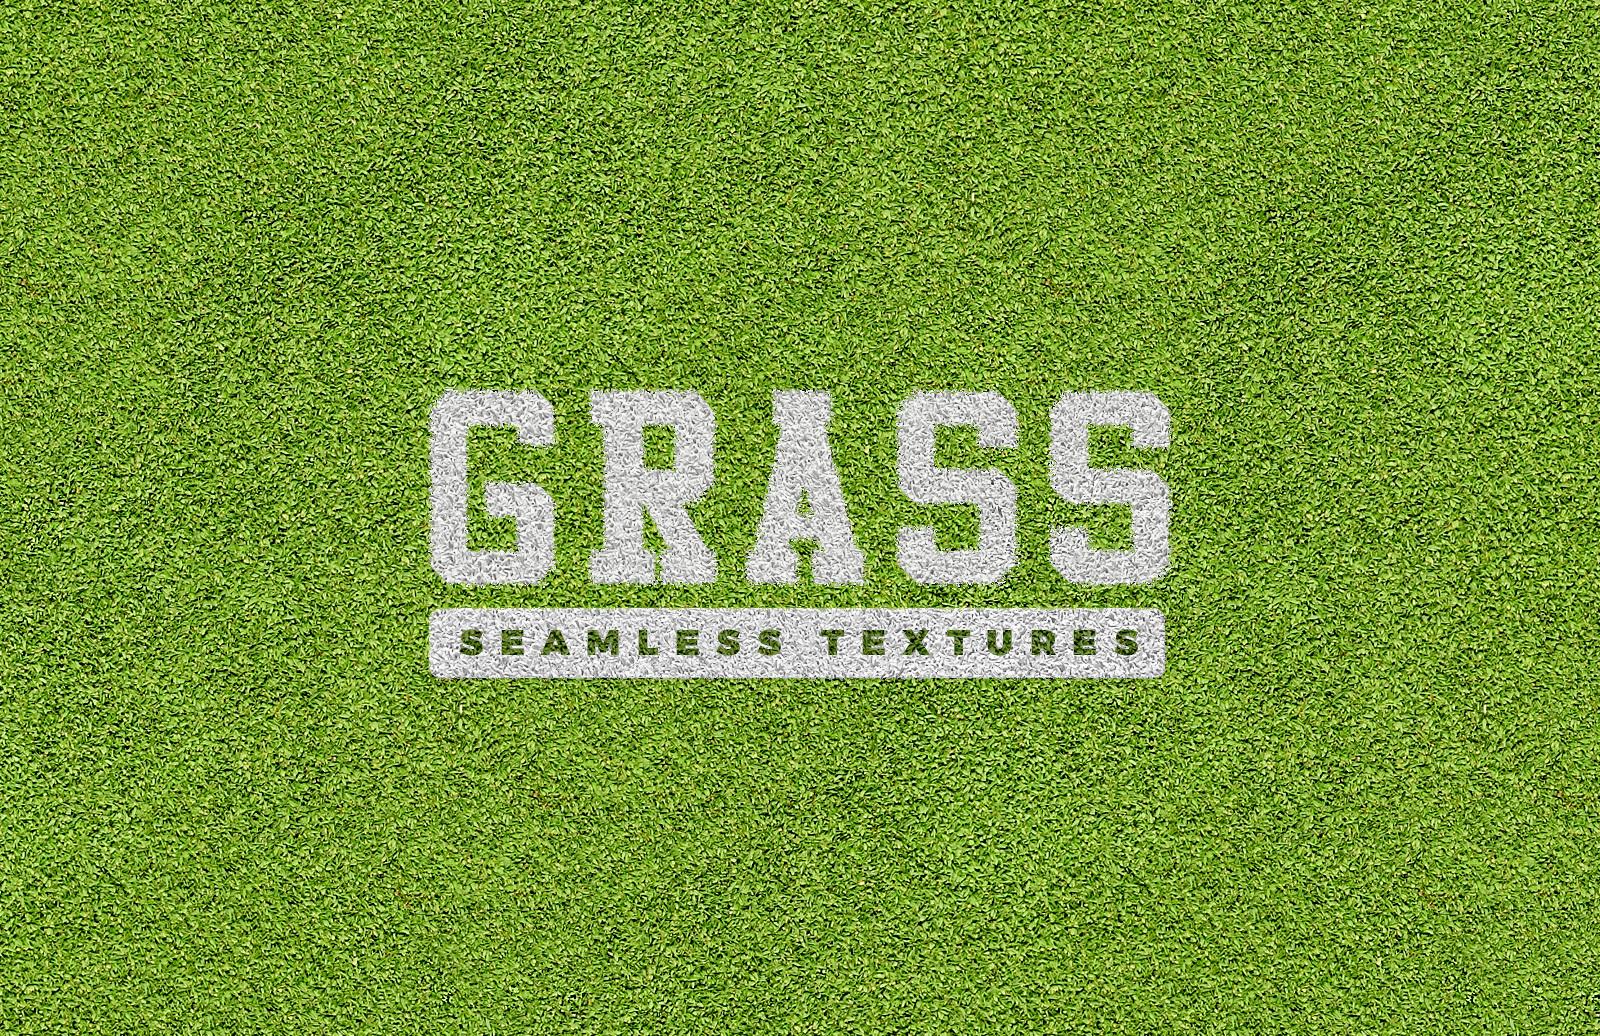 Seamless Grass Textures